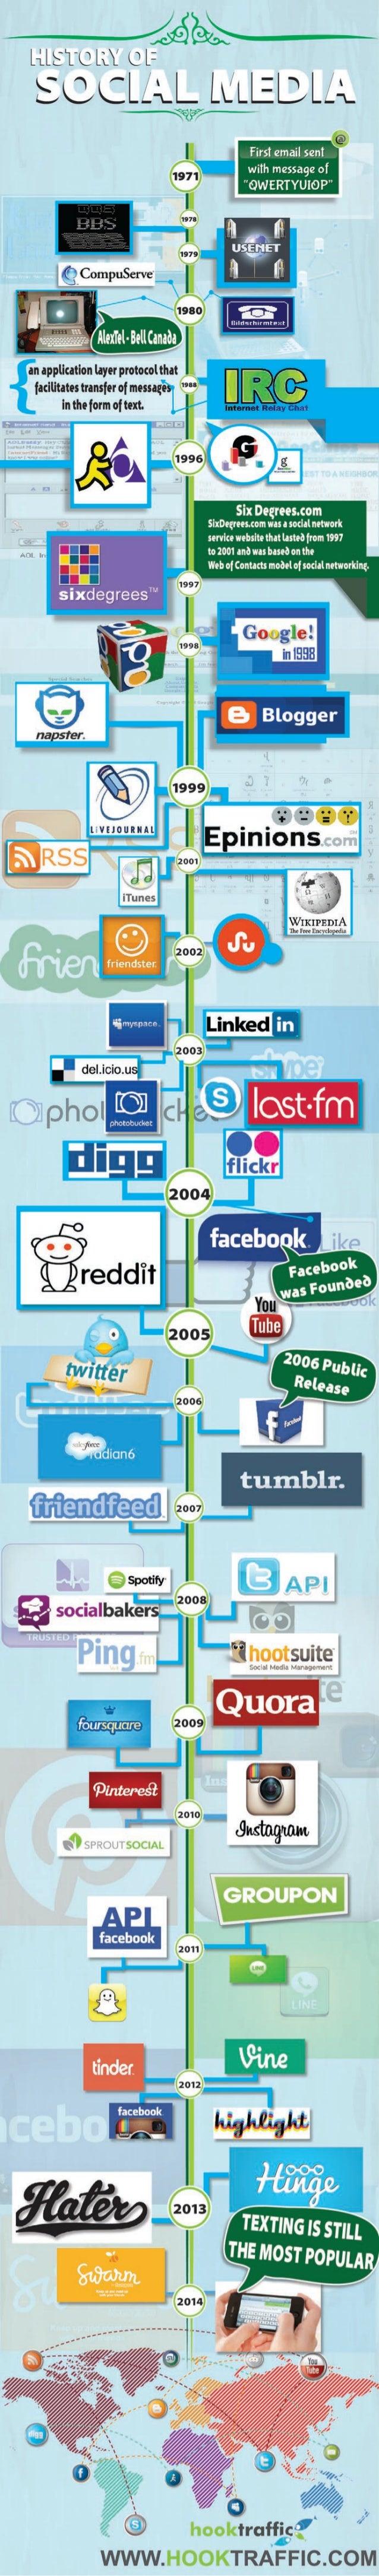 History of Social Media by Hook Traffic